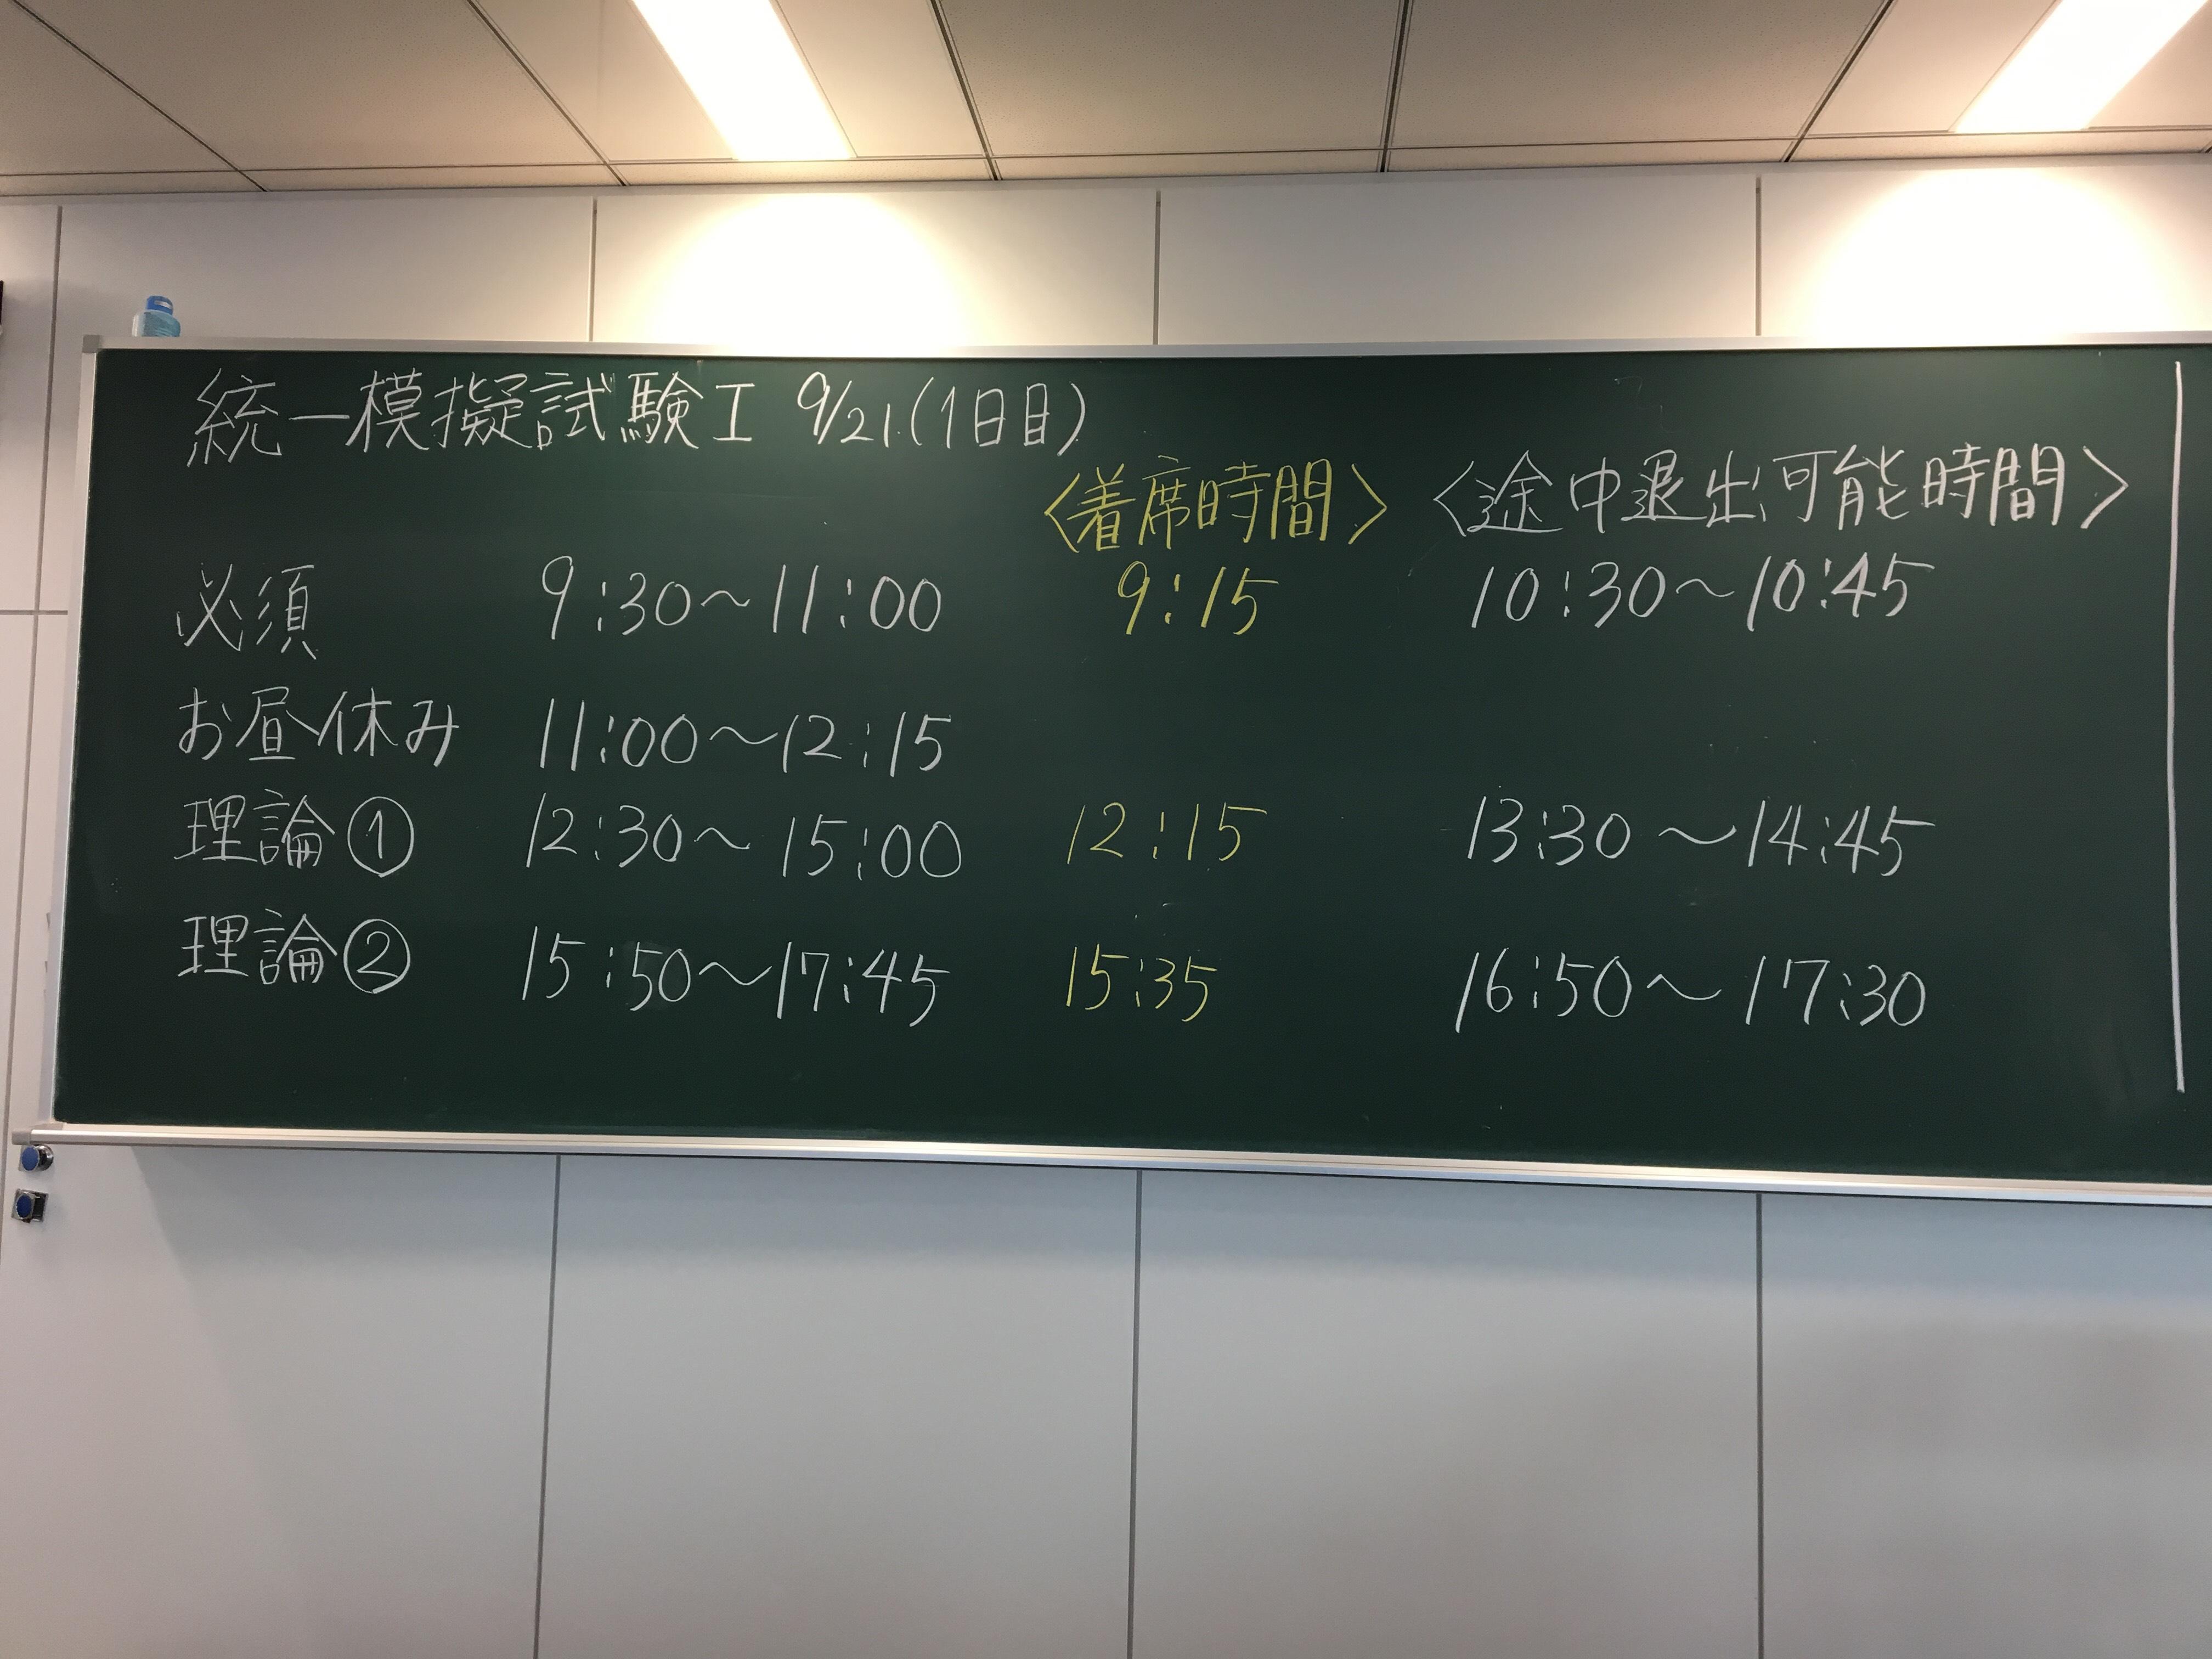 薬剤師 国家 試験 時間割